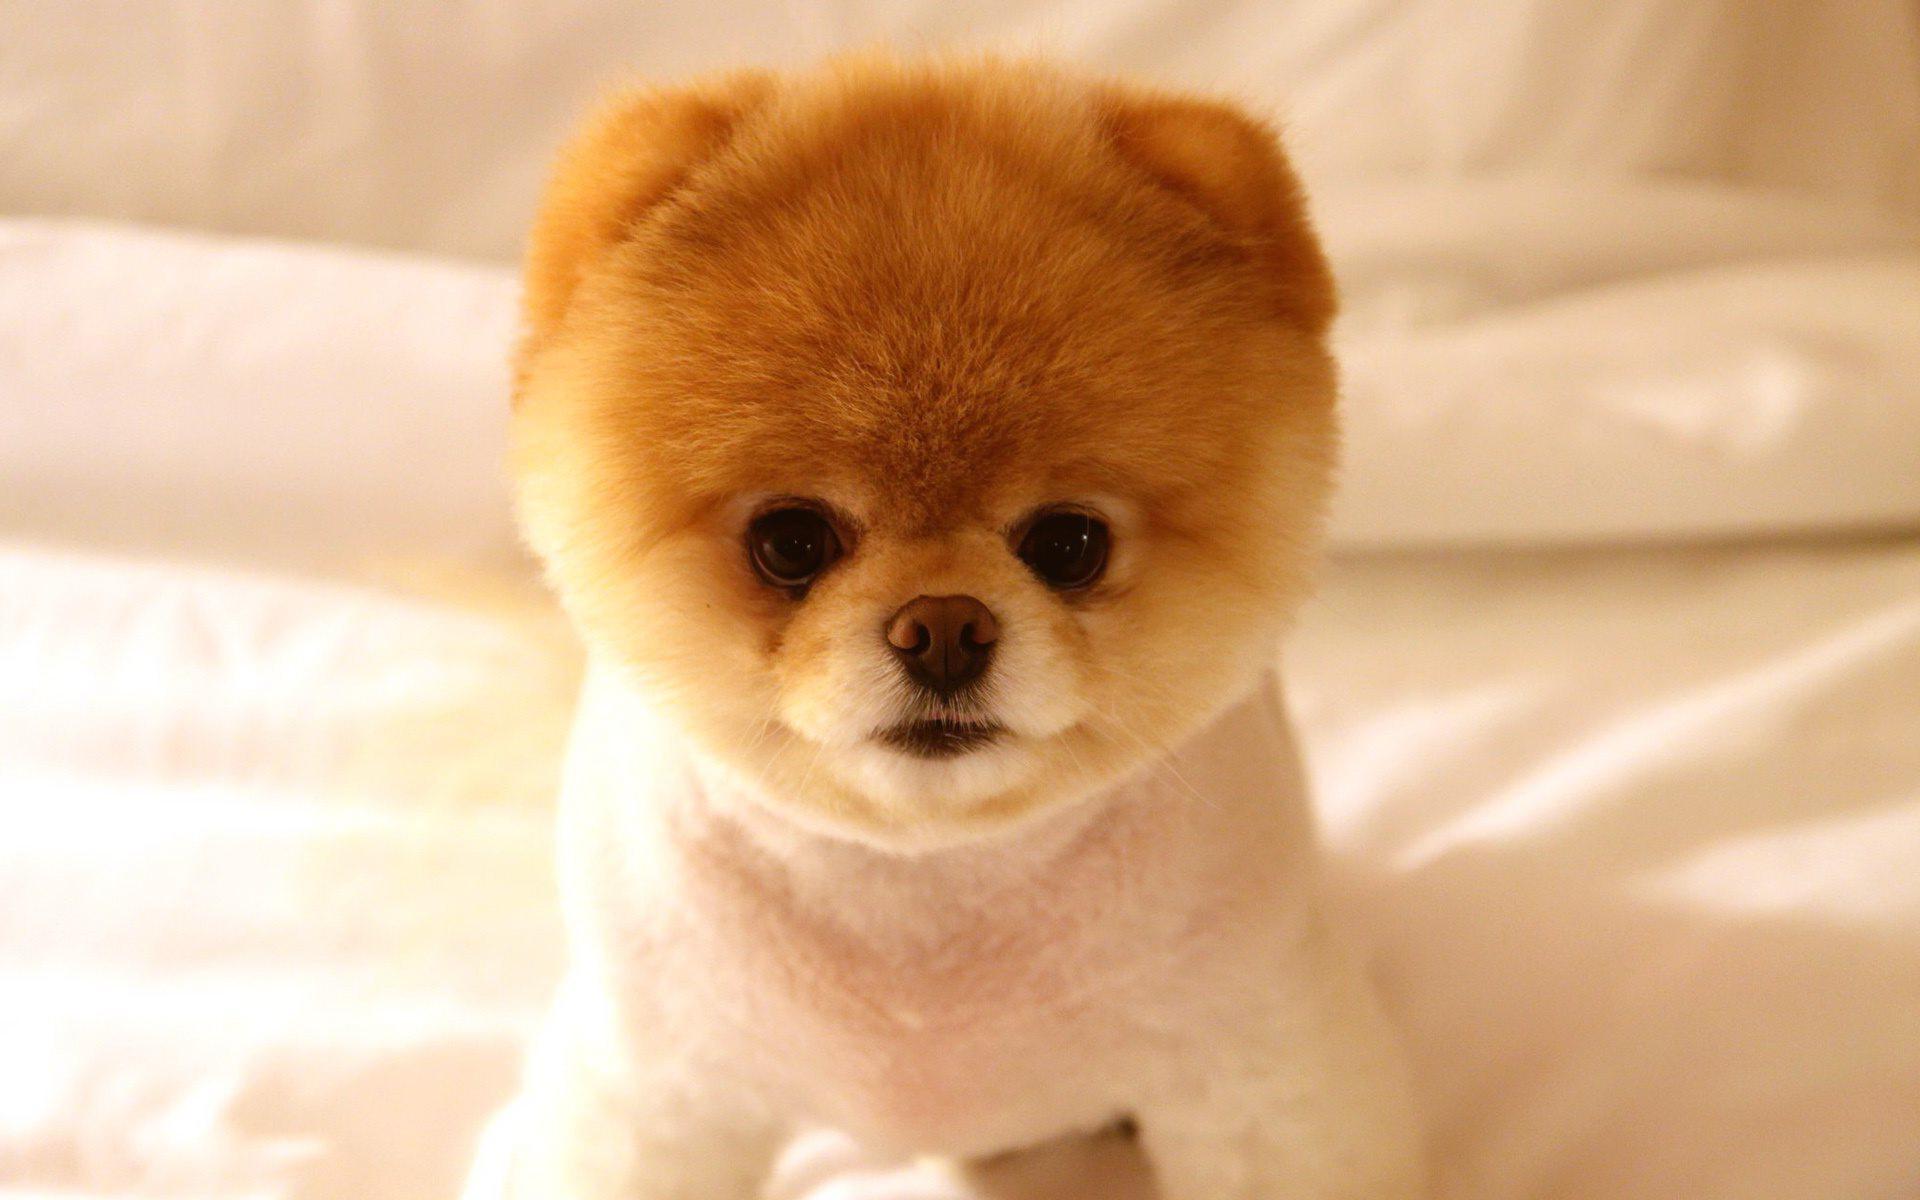 Perro lindo pomerania toy